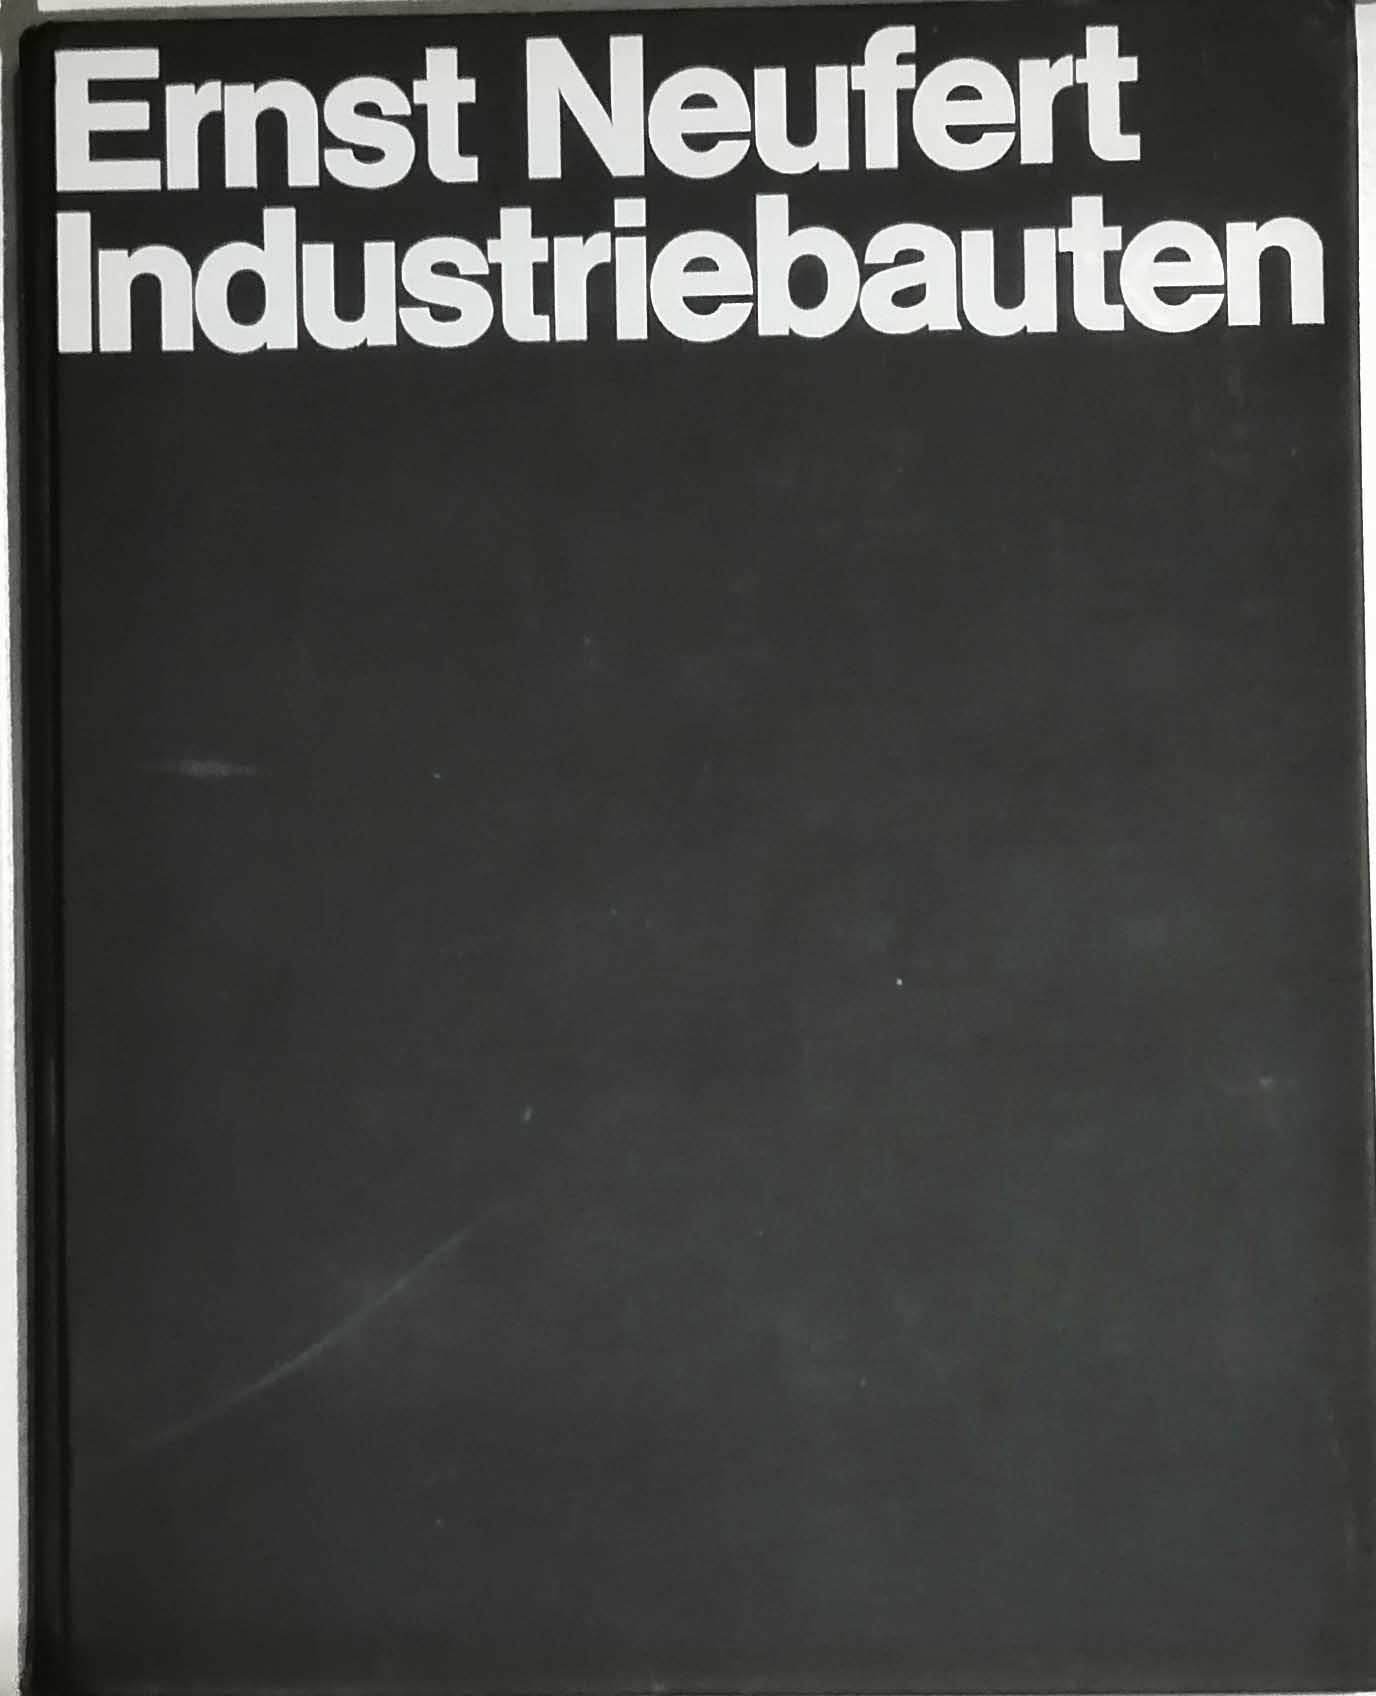 Industriebauten. Hrsg., bearb. u. dargest. von Joachim P. Heymann-Berg [u. a.]